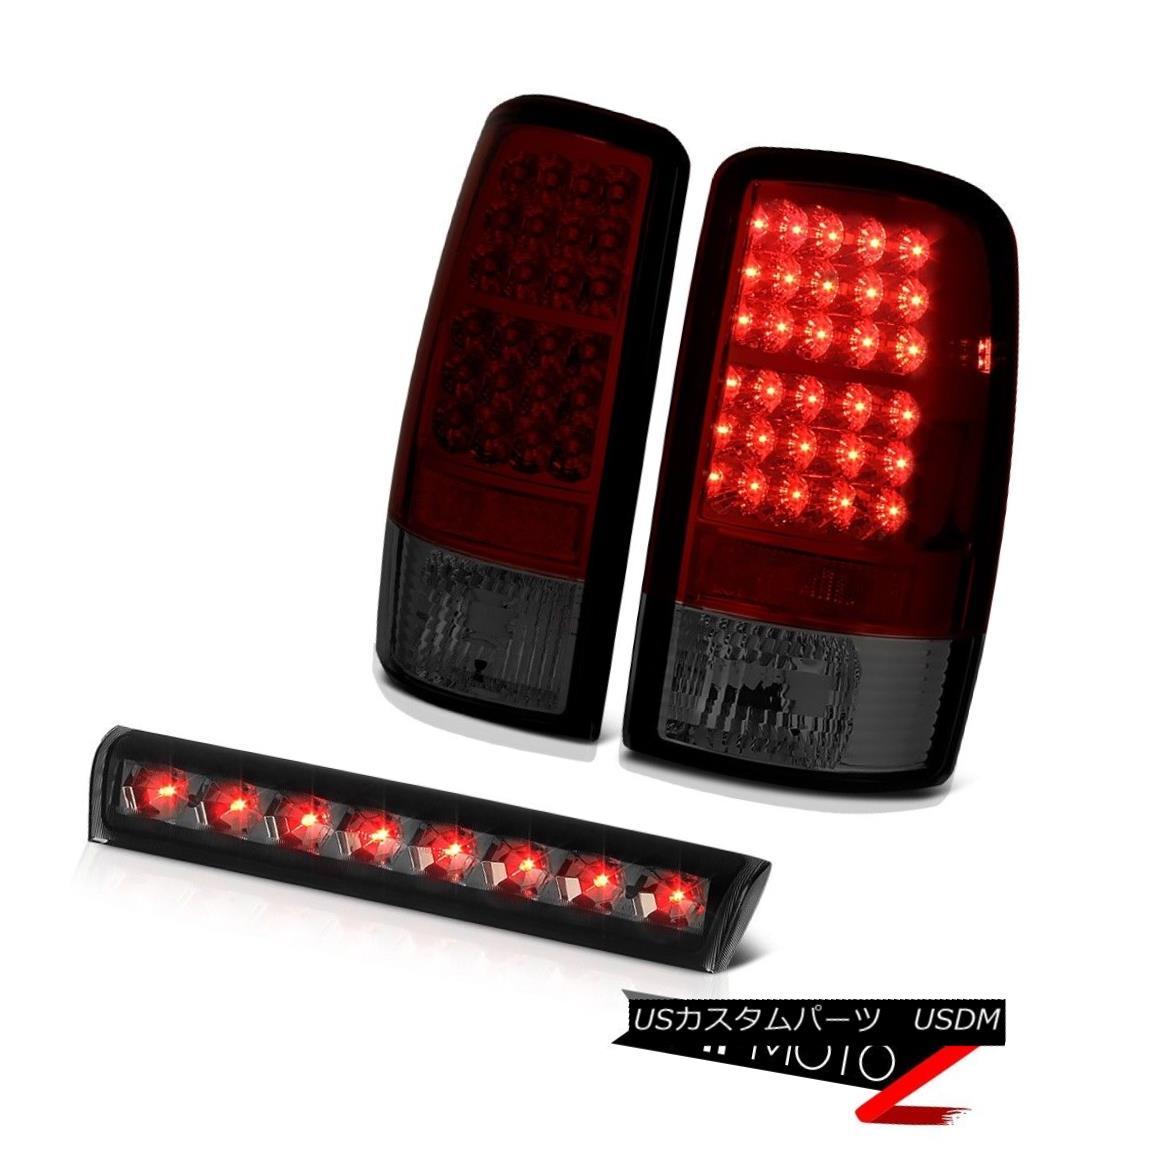 テールライト 2000-2006 Chevy Suburban 6.0L LED Bulbs Tail Lamps High Stop Brake Lights Smoke 2000-2006シボレー郊外6.0L LED電球テールランプハイストップブレーキライトスモーク